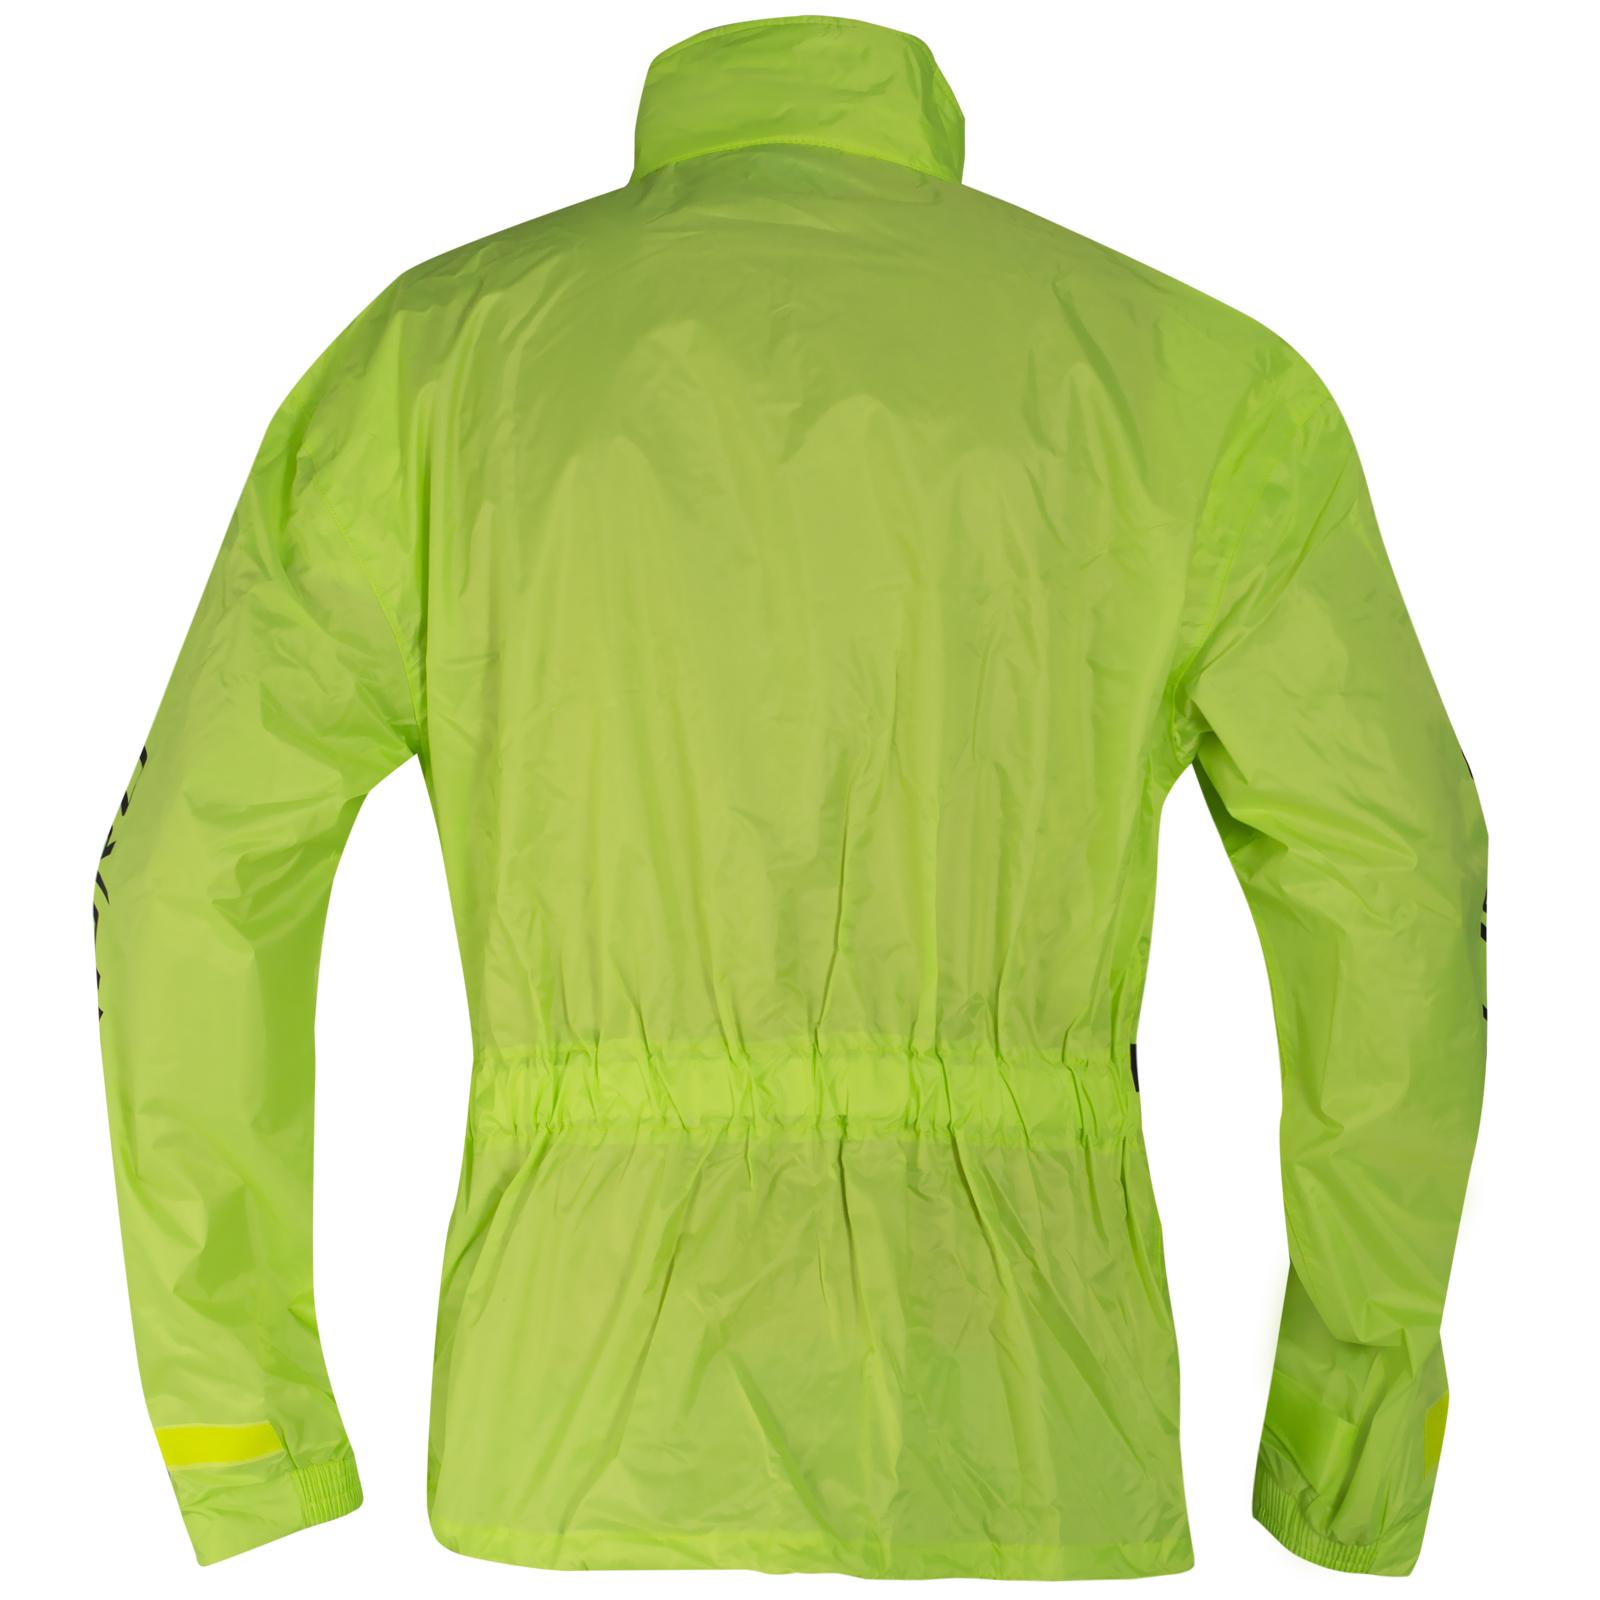 Tuta-Impermeabile-Giacca-Pantaloni-Combinazione-Antipioggia-alta-Visibilita miniatura 6